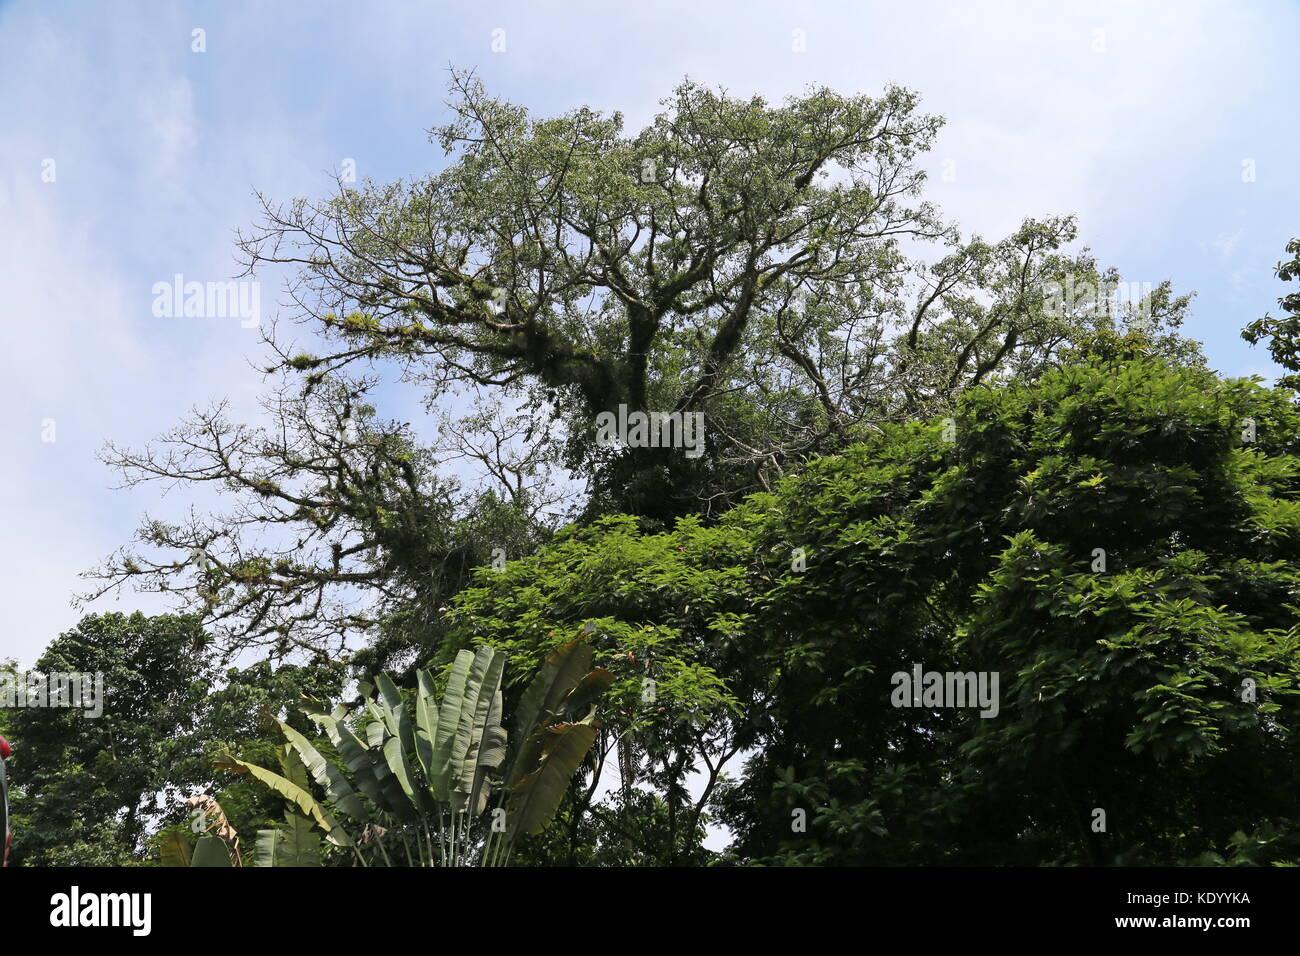 Giant Ceibo tree (Erythrina crista-galli) at El Ceibo restaurant, Ruta 32, Guápiles, Limón province, Caribbean Sea, Stock Photo